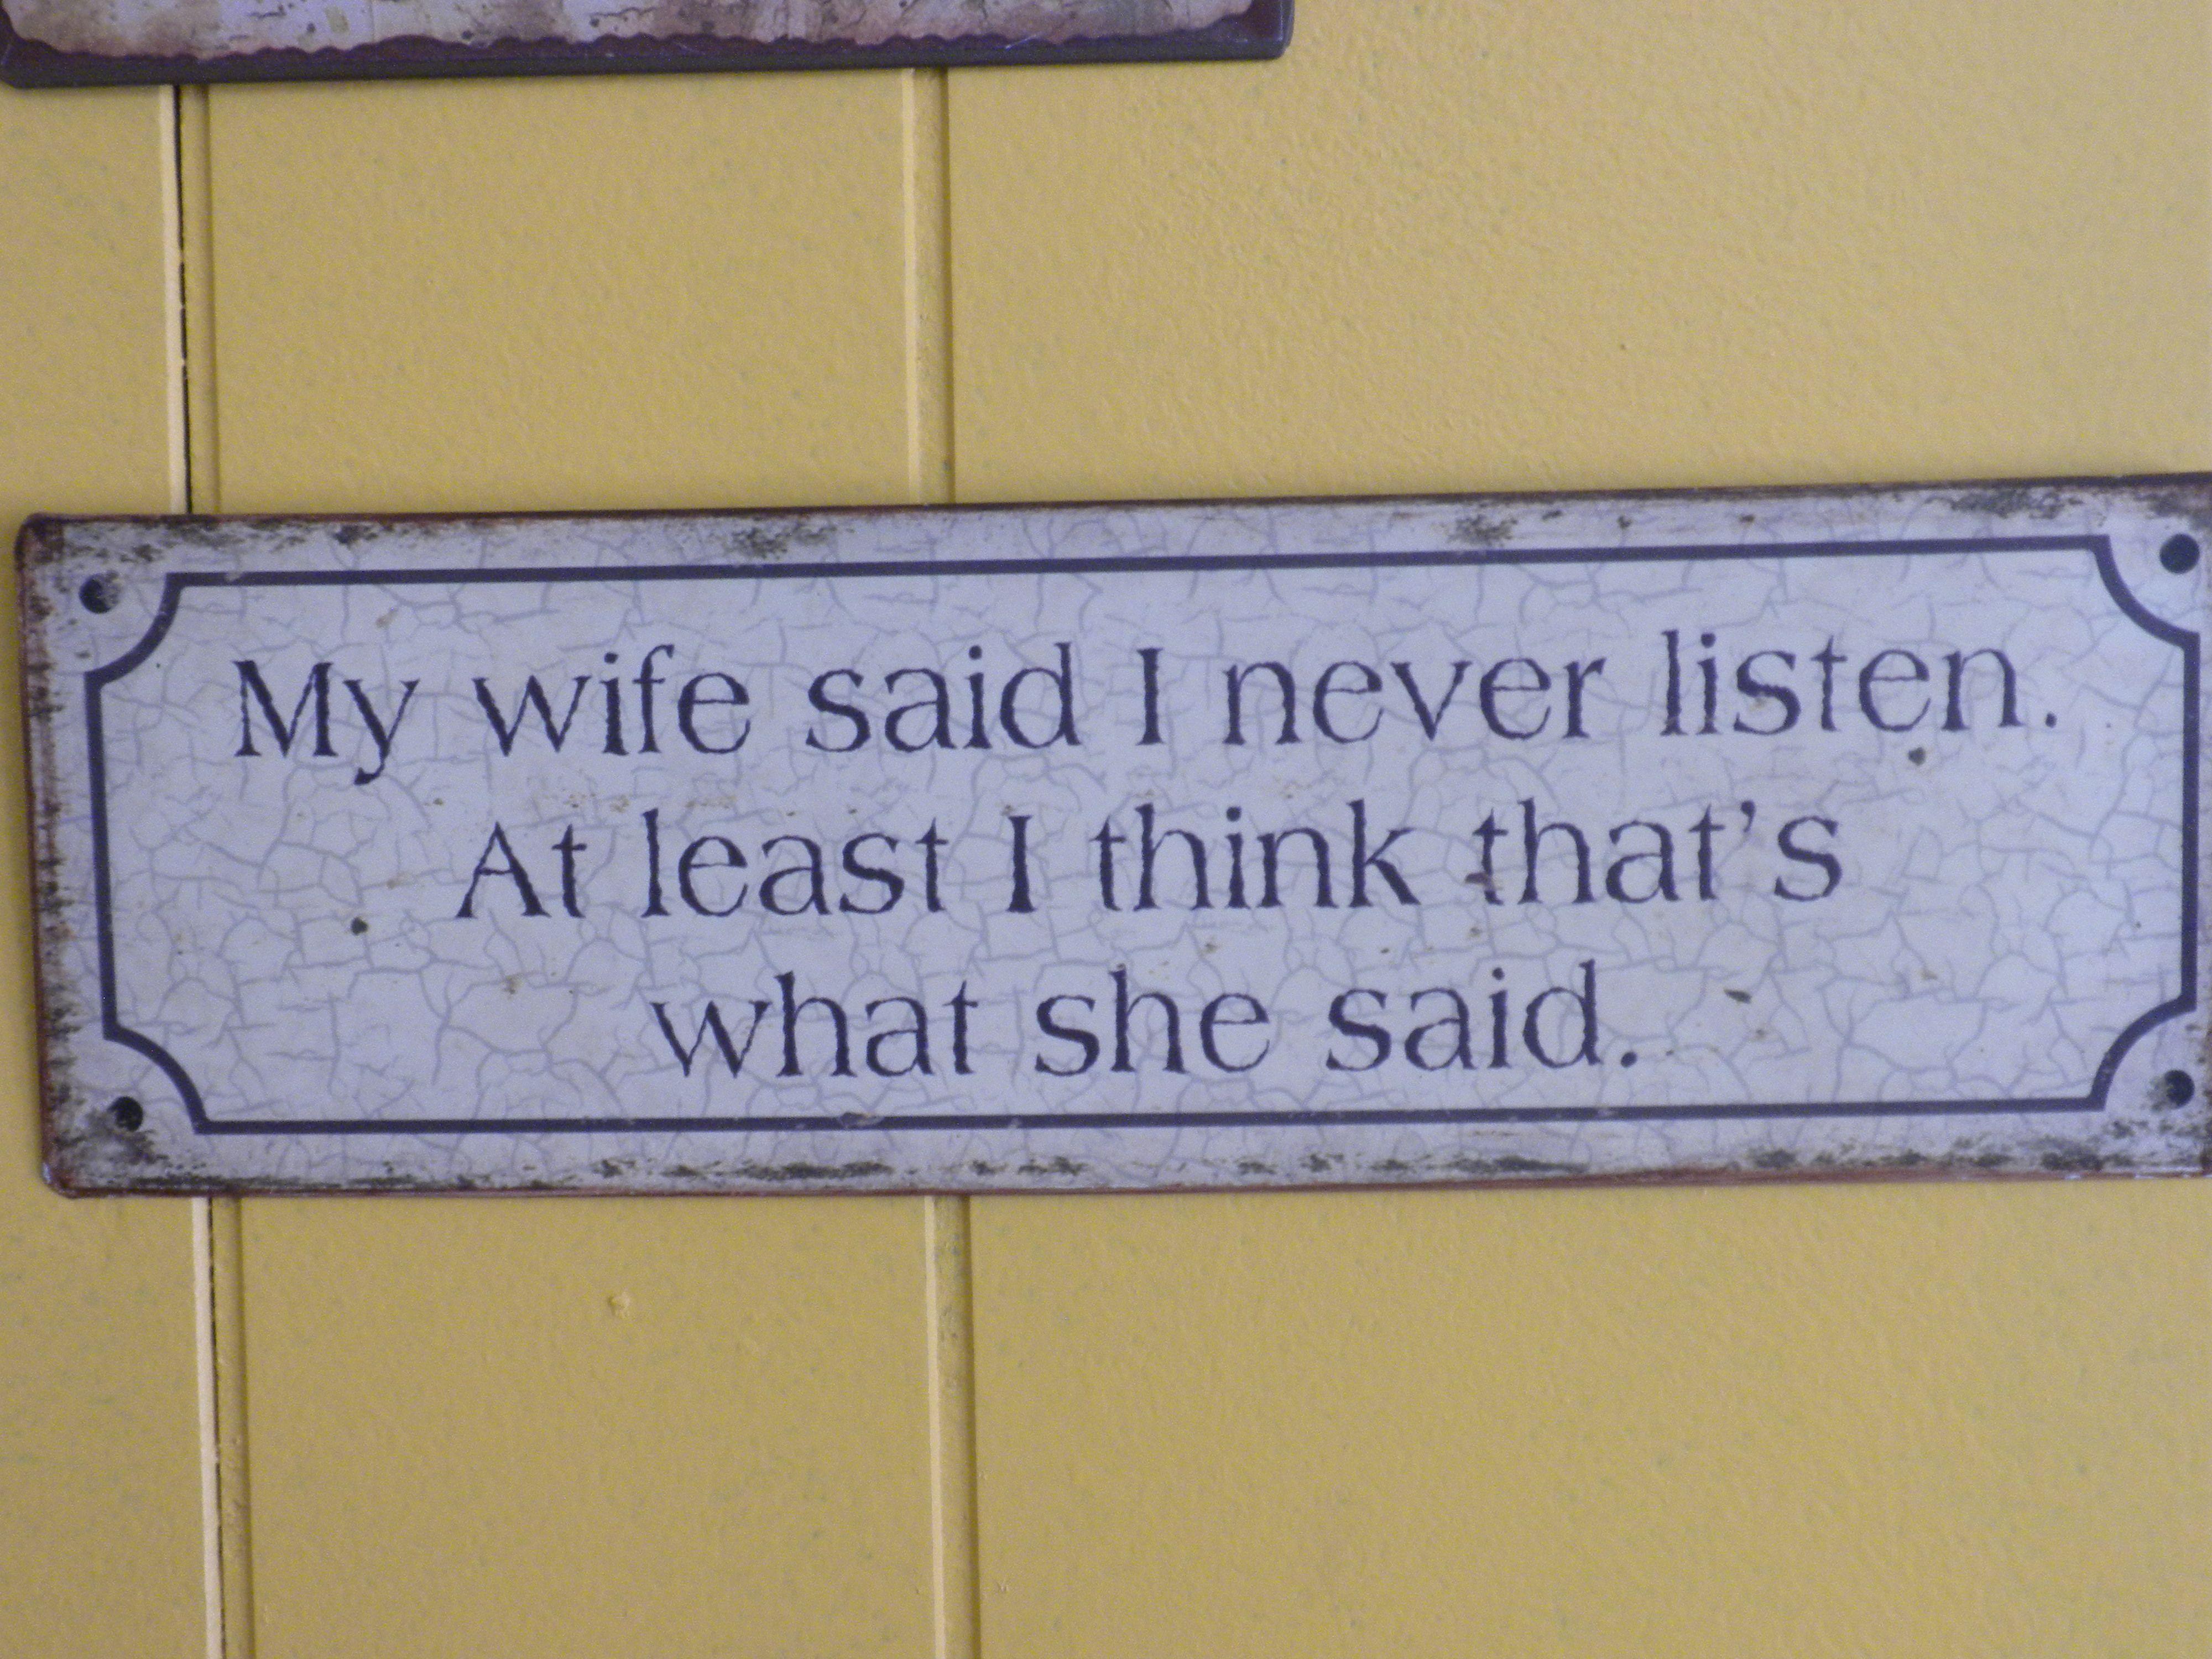 My wife said . . .